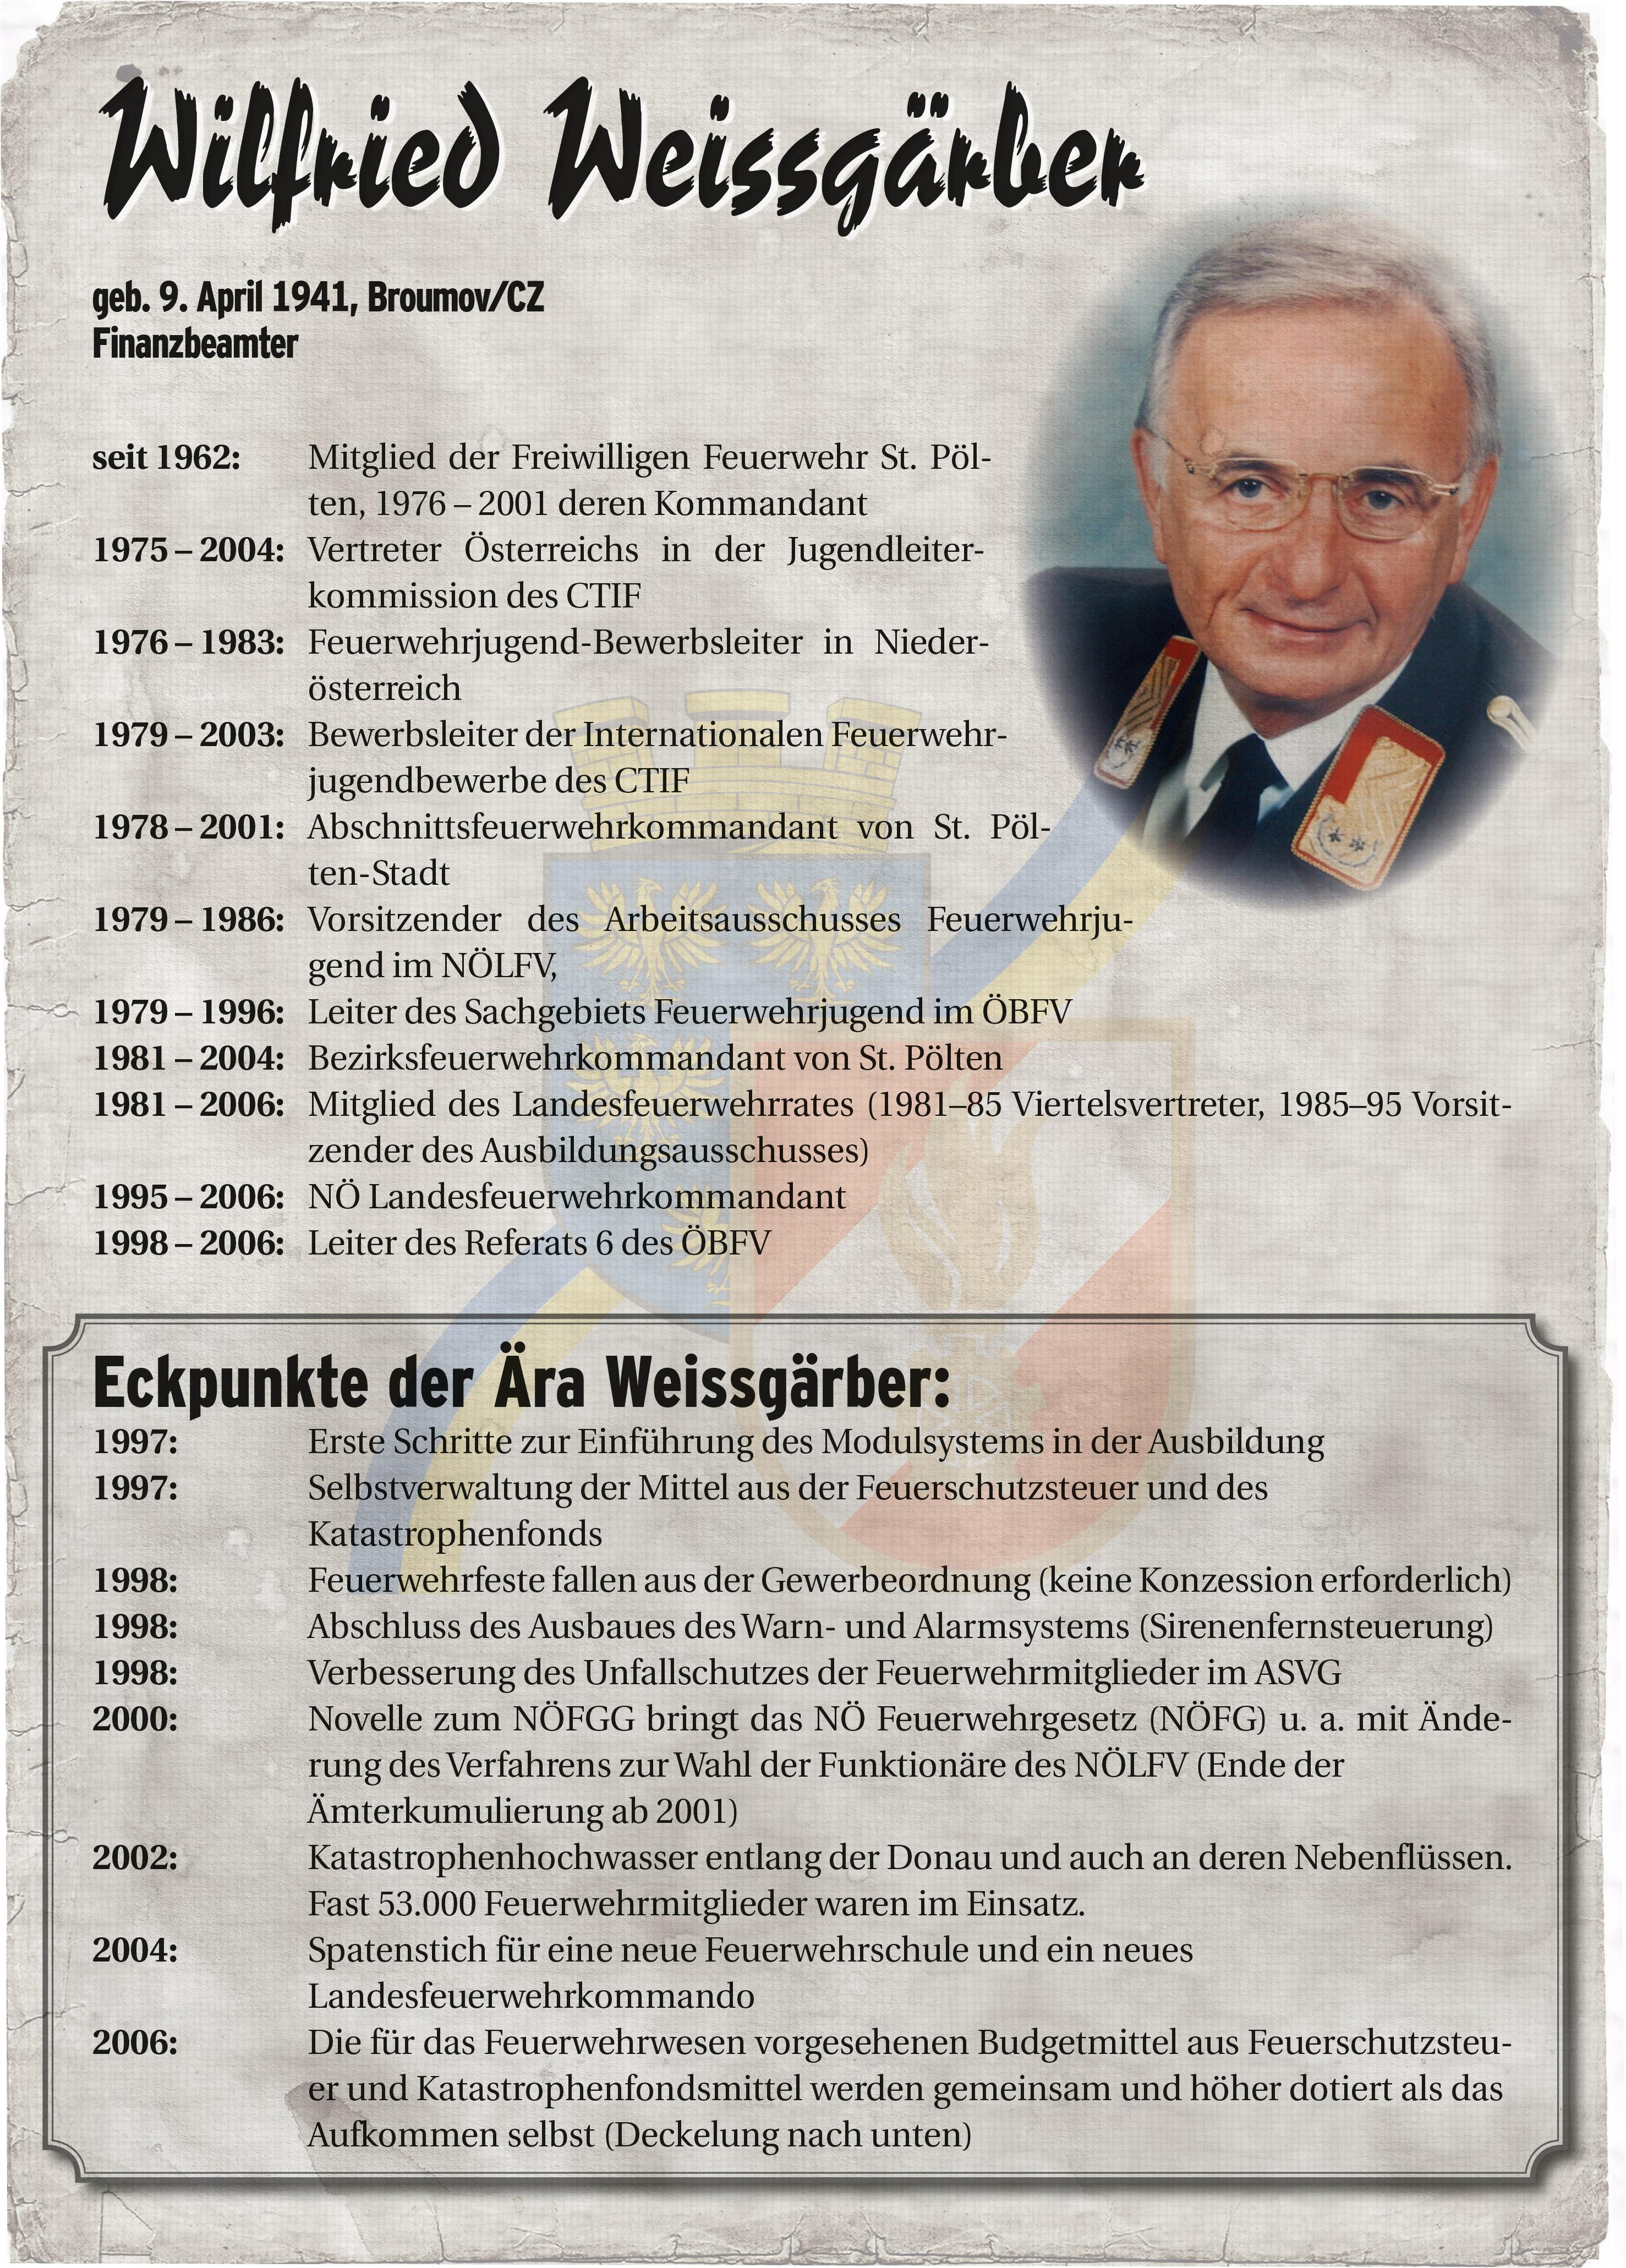 Infoblatt zur Zeit von Wilfried Weissgärber